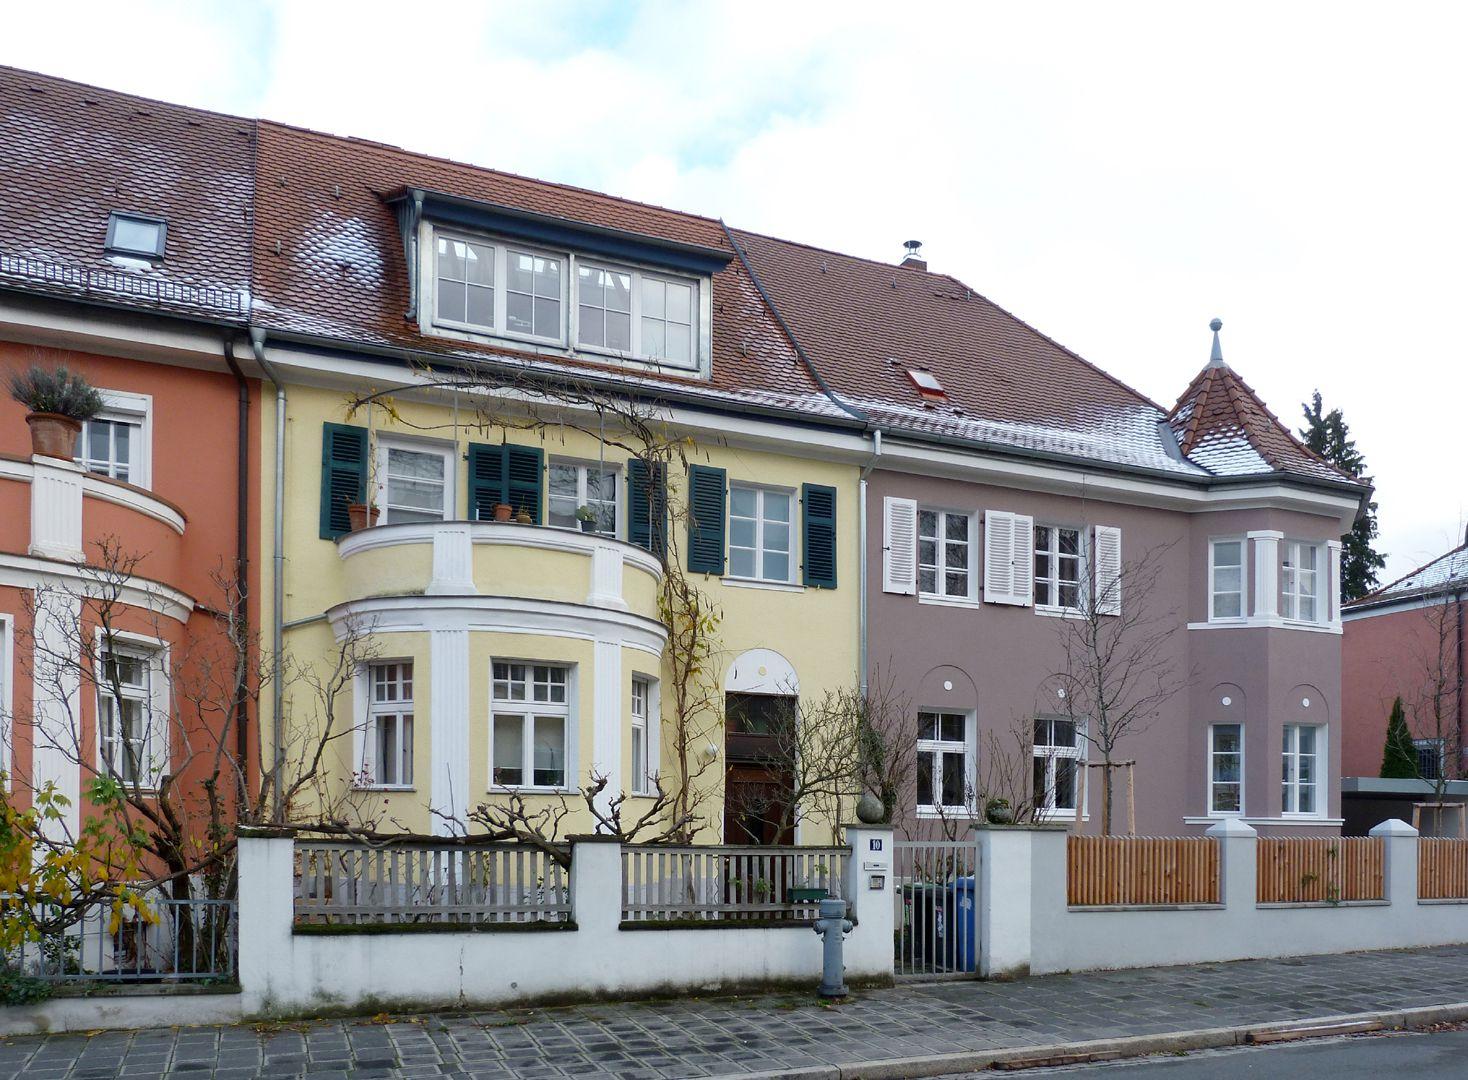 Wohnhausreihe in der Danziger Straße Ansicht von Westen